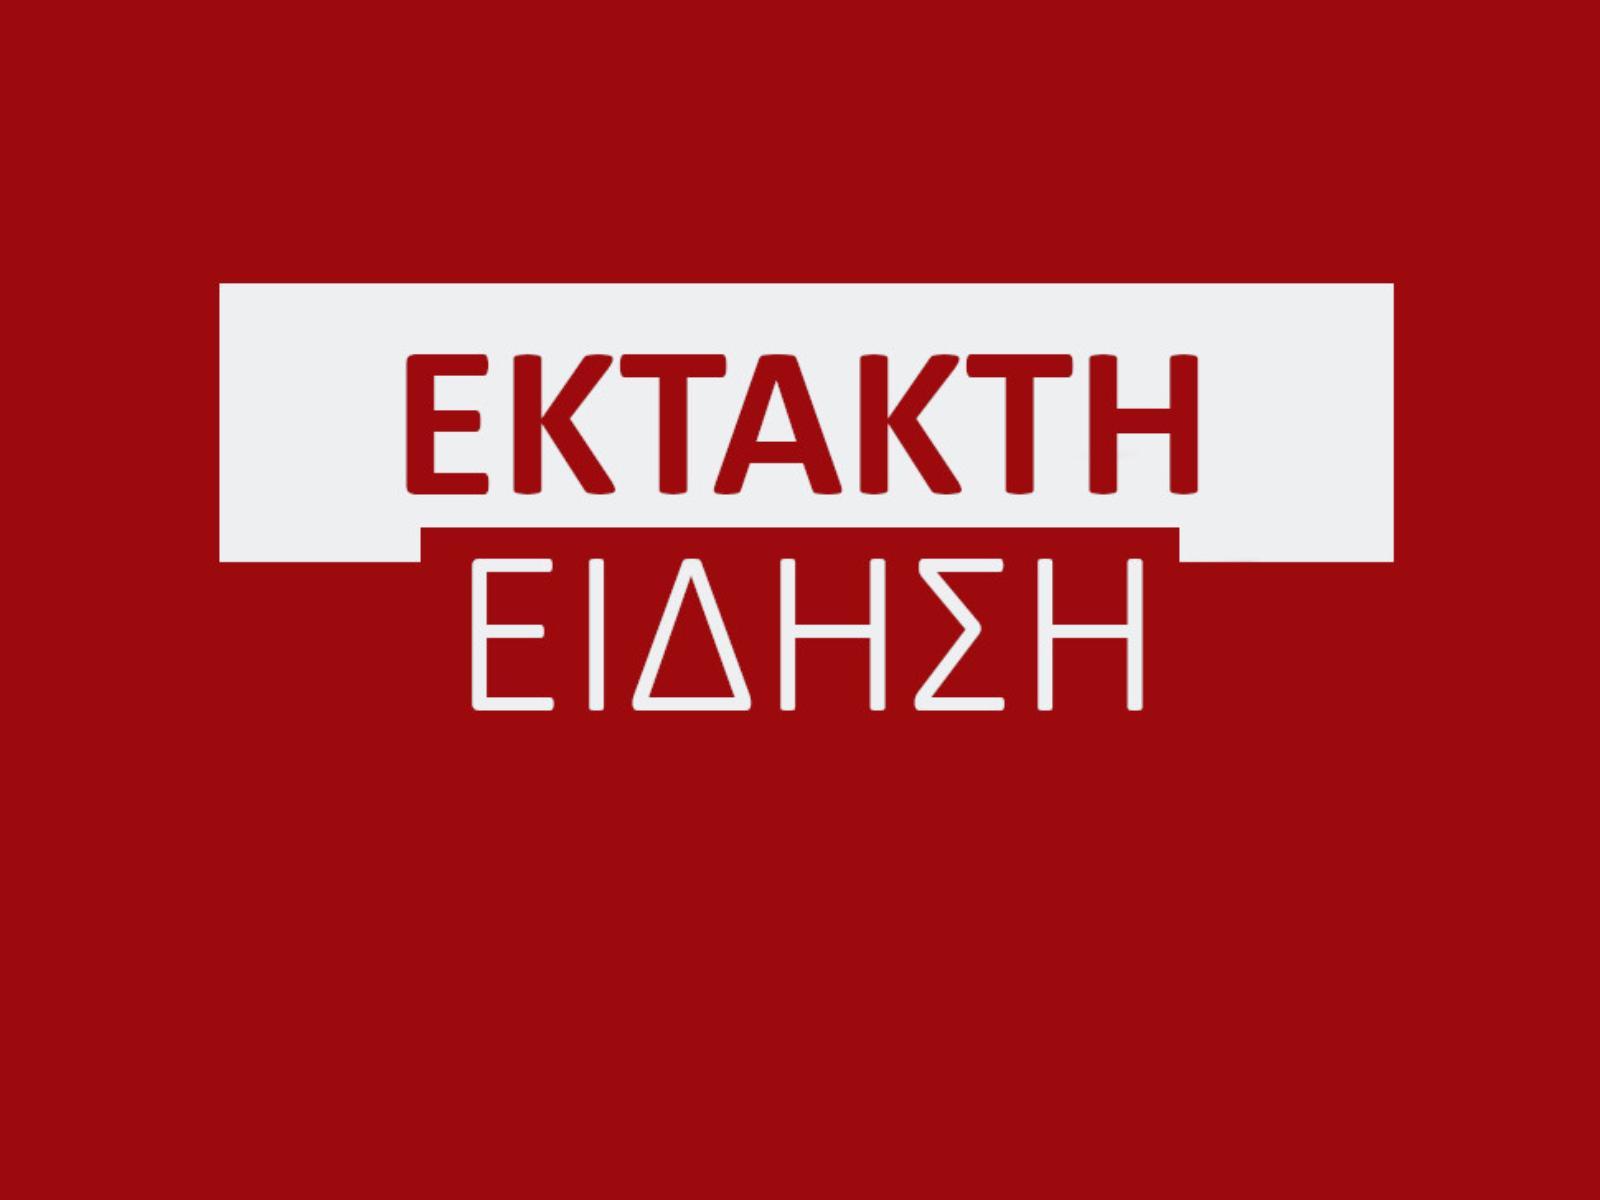 Κύπρος: Νεκρό γνωστό 34χρονο μοντέλο, μετά τον εμβολιασμό με Astra Zeneca!